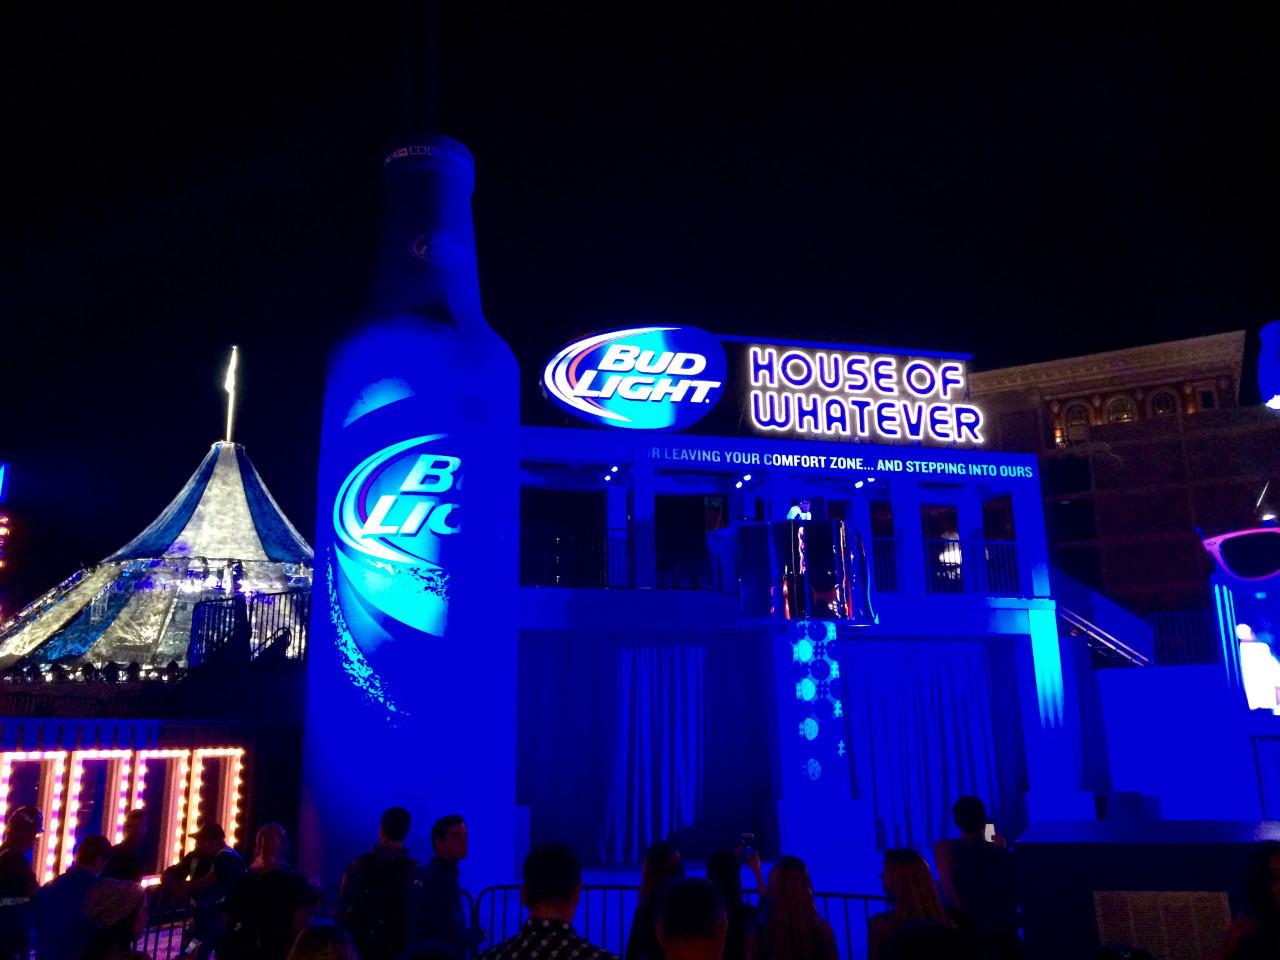 Bud-light-house-of-whatever-super-bowl-2015